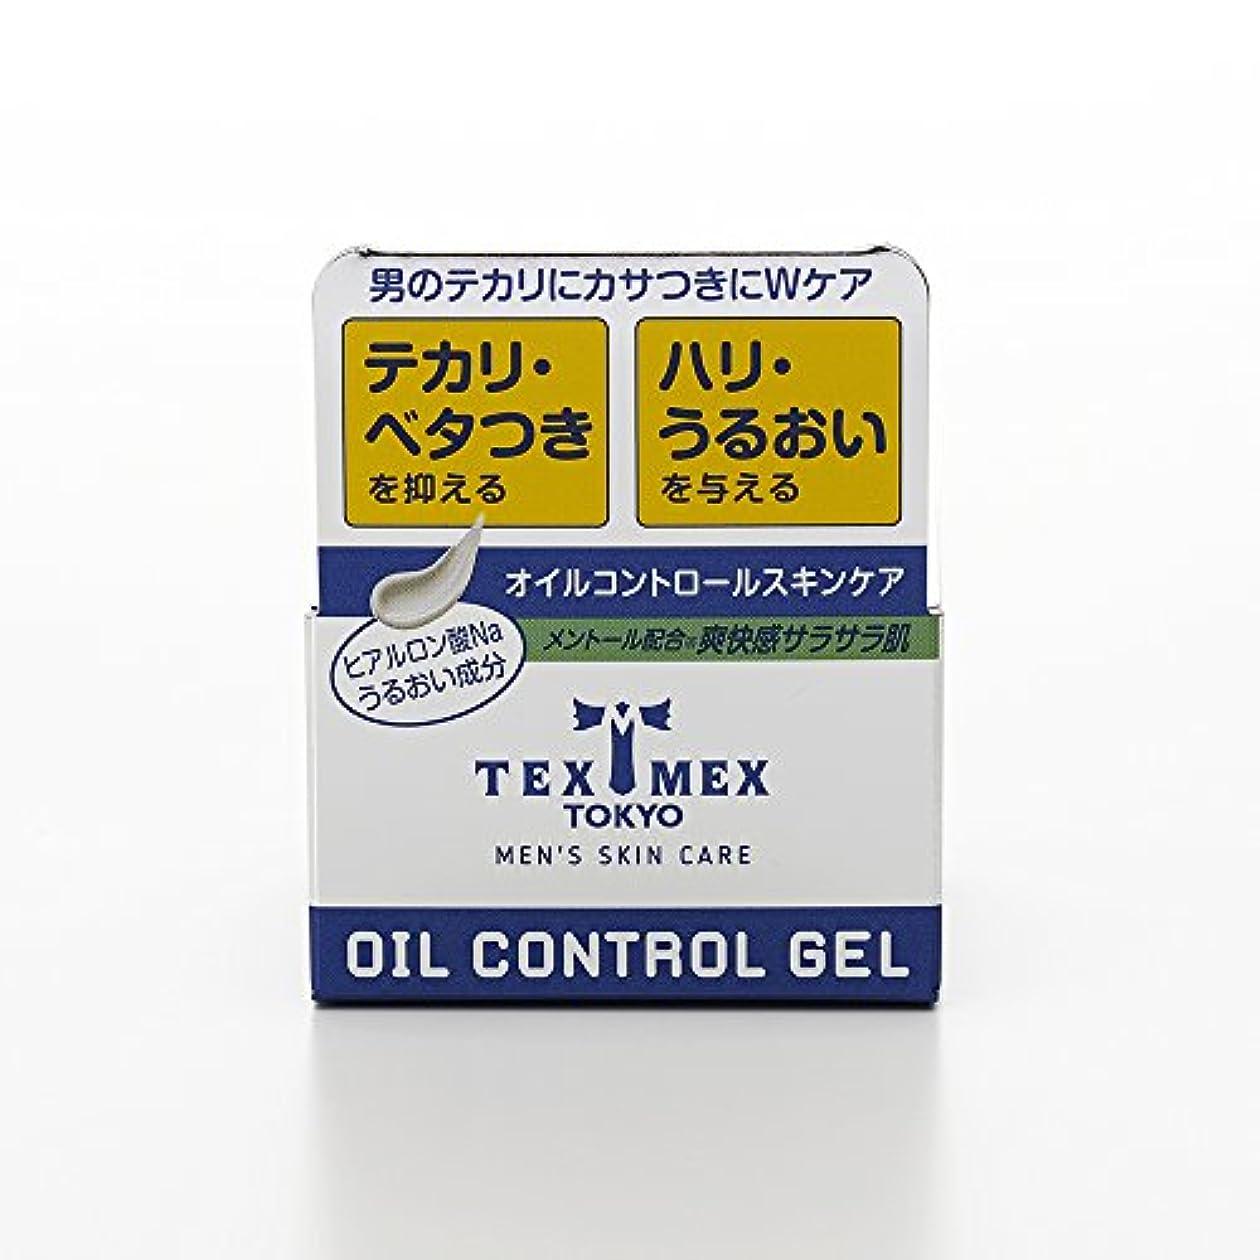 軽食指争いテックスメックス オイルコントロールジェル 24g (テカリ防止ジェル) 【塗るだけでサラサラ肌に】